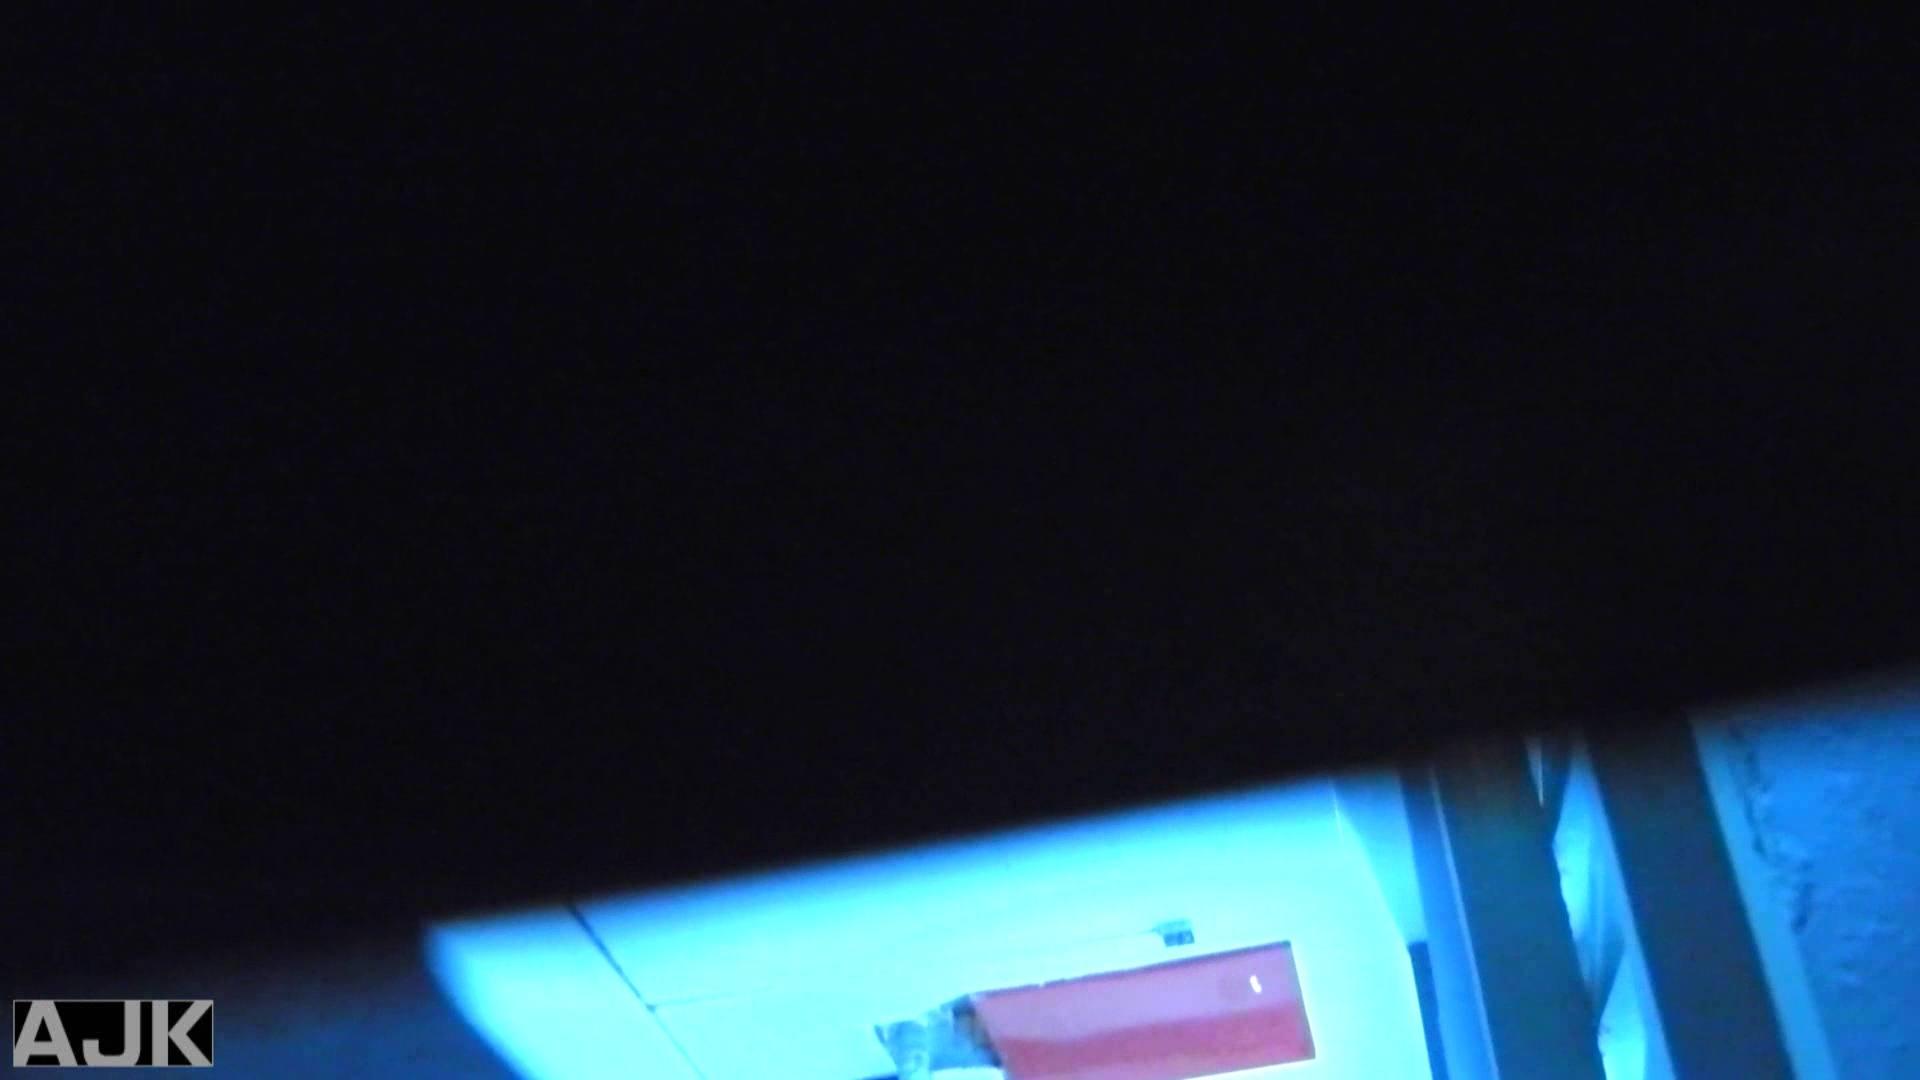 神降臨!史上最強の潜入かわや! vol.22 美女 AV無料 98連発 68